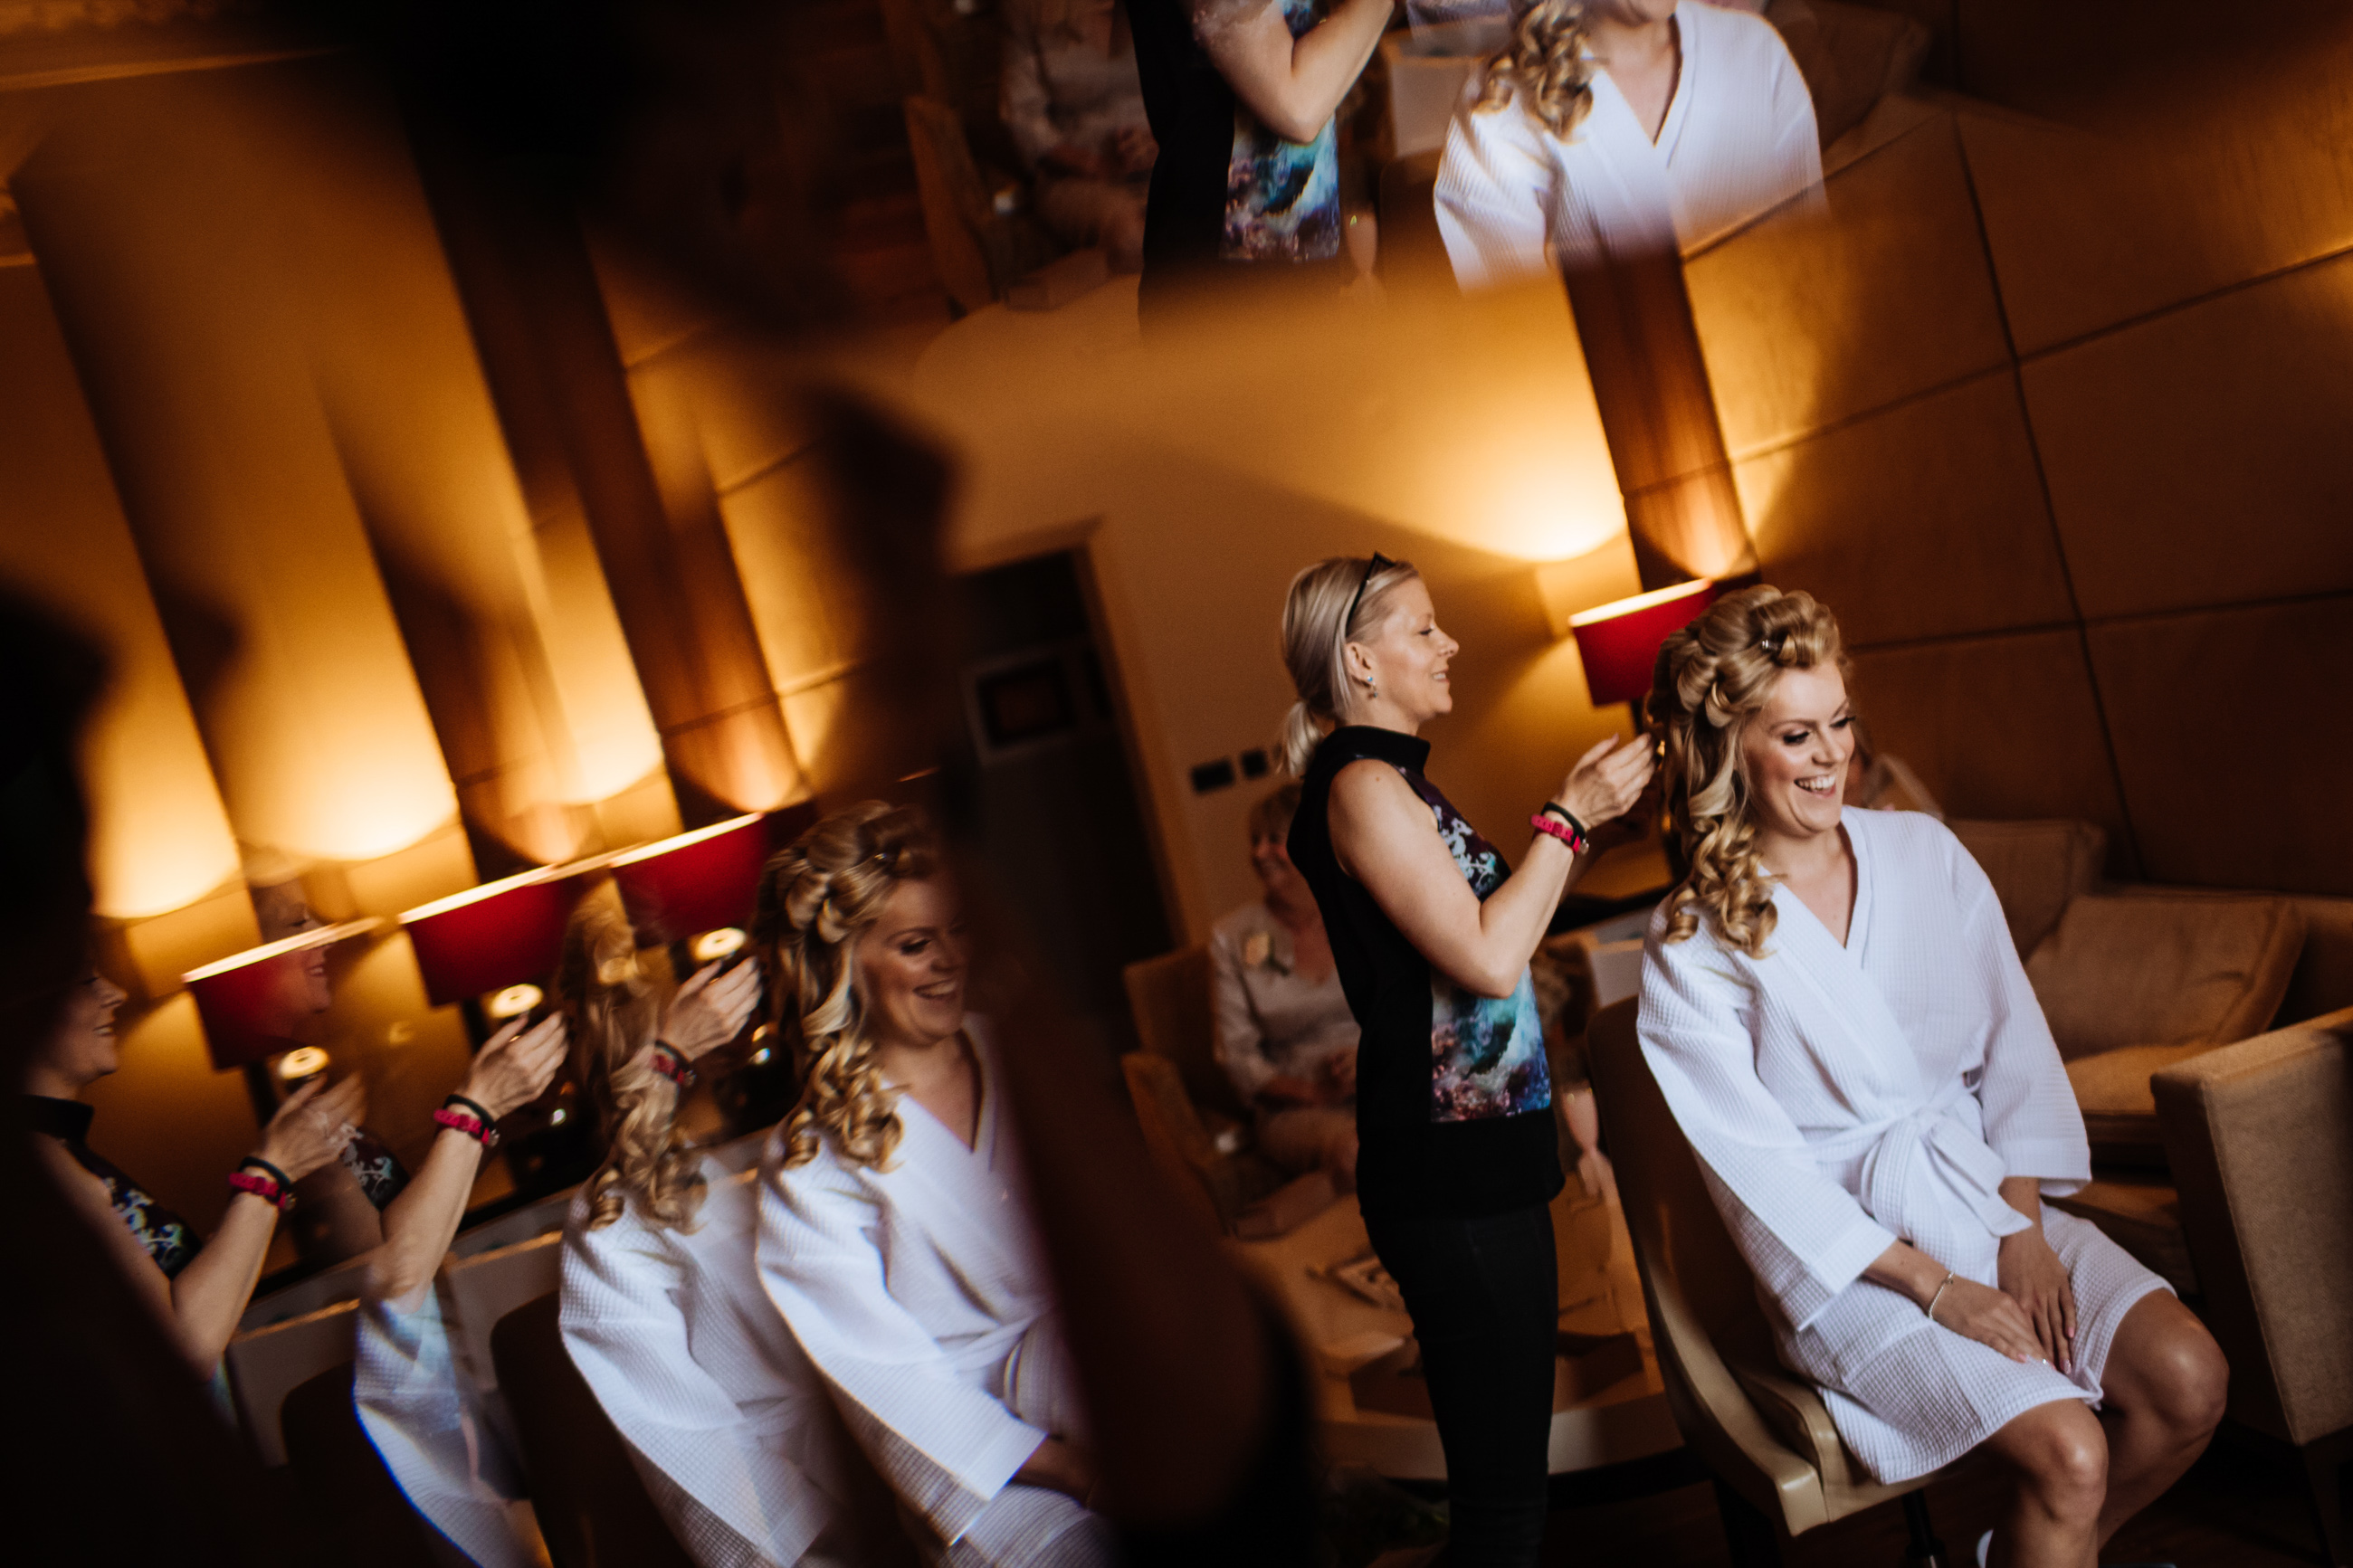 bridal reflections at St Pancras Renaissance hotel